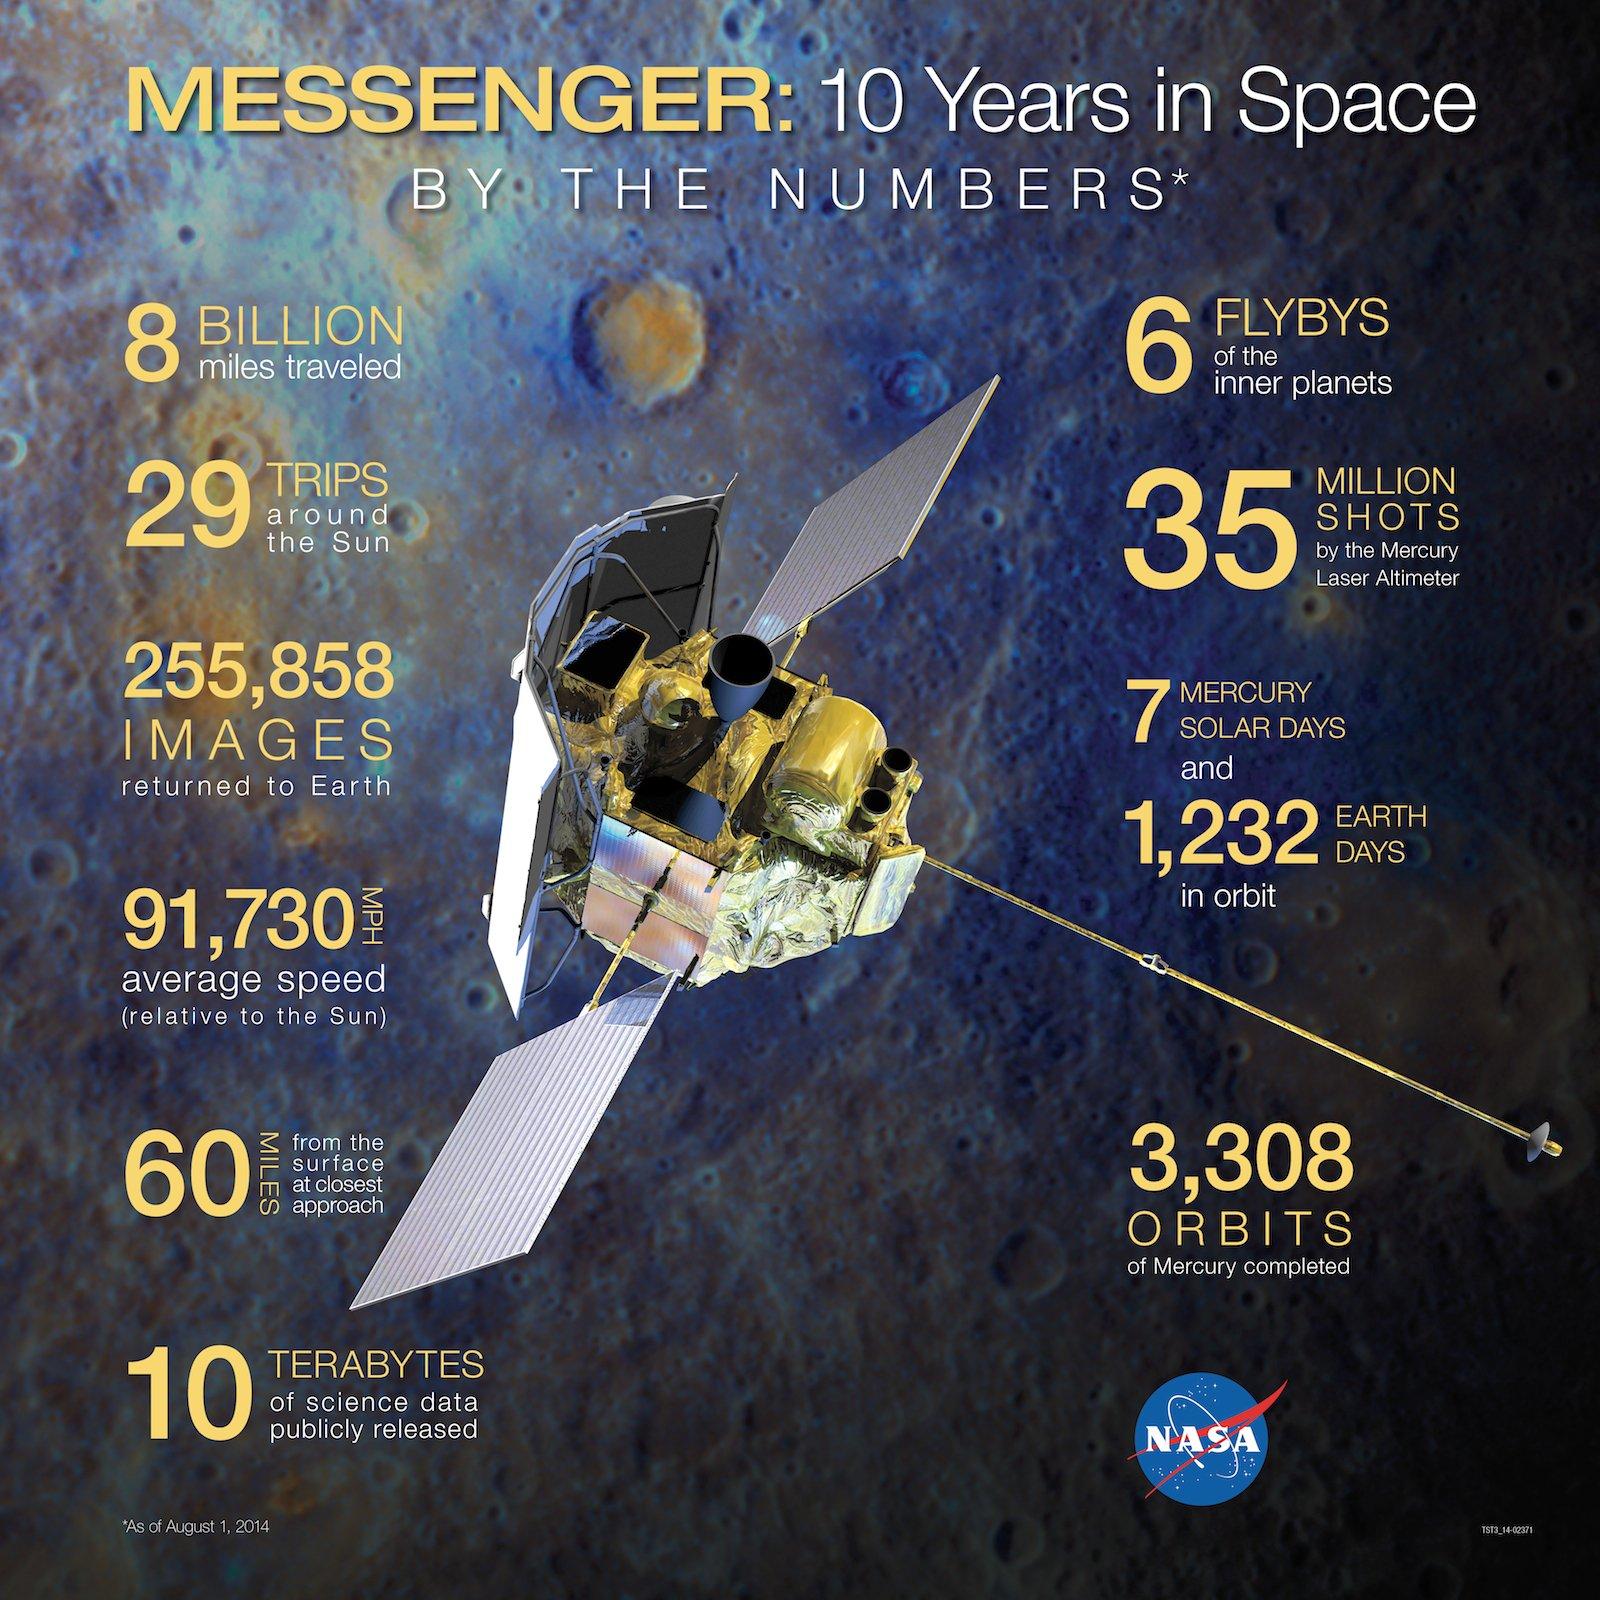 So sah die Bilanz der mehr als erfolgreichen Messenger-Mission bereits im August 2014 aus.